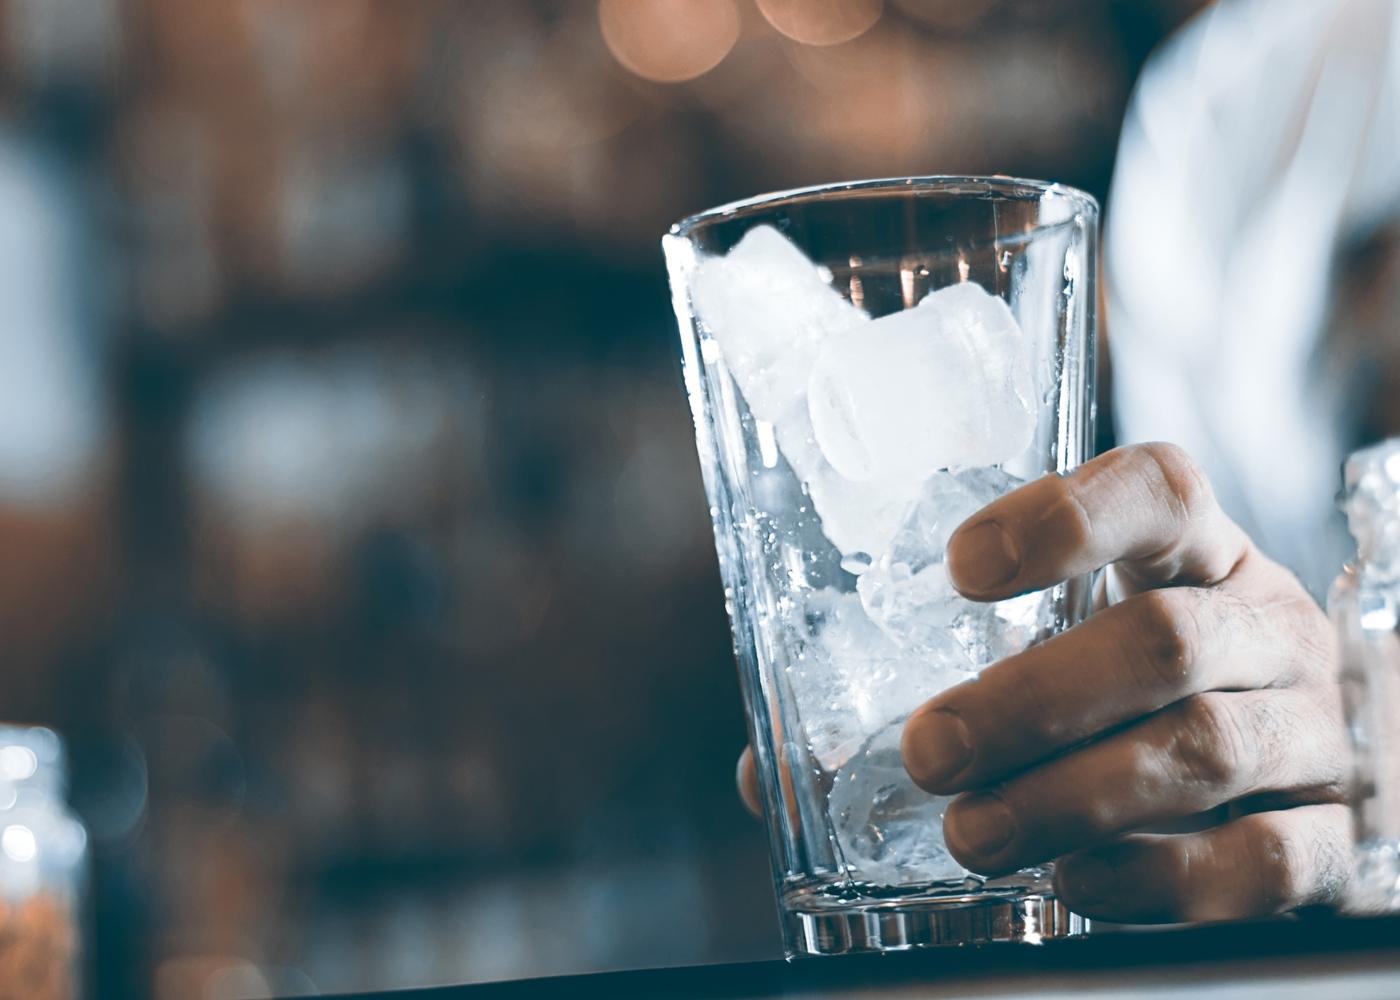 Cozinhar de forma segura: homem com copo com gelo na mão